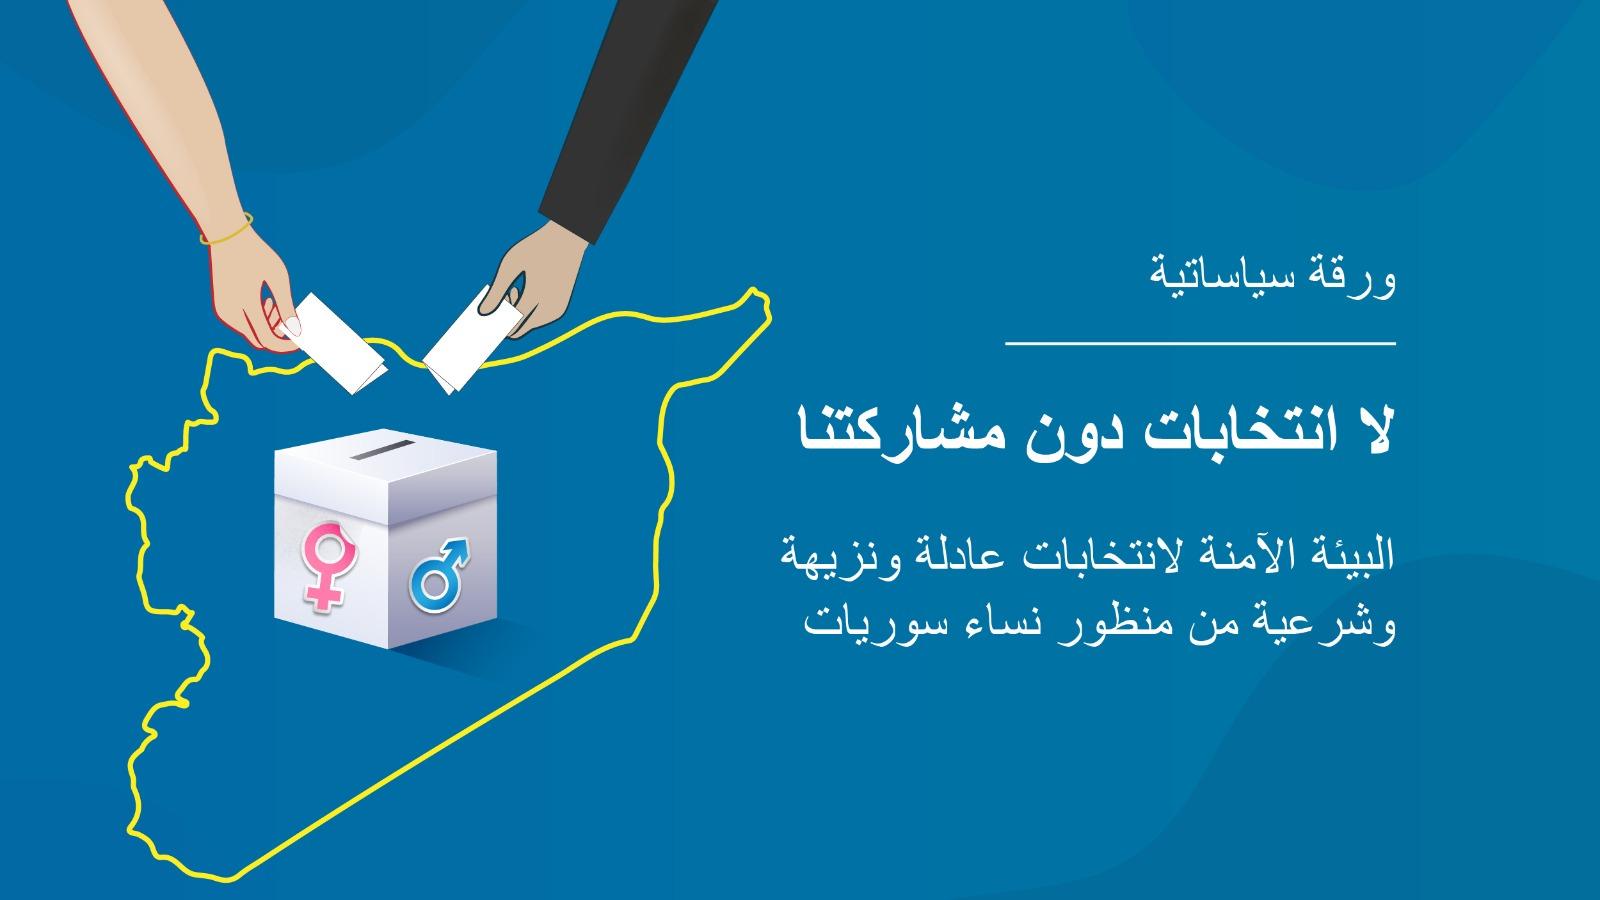 ورقة سياساتية- لا انتخابات دون مشاركتنا: البيئة الآمنة لانتخابات عادلة ونزيهة وشرعية من منظور نساء سوريات